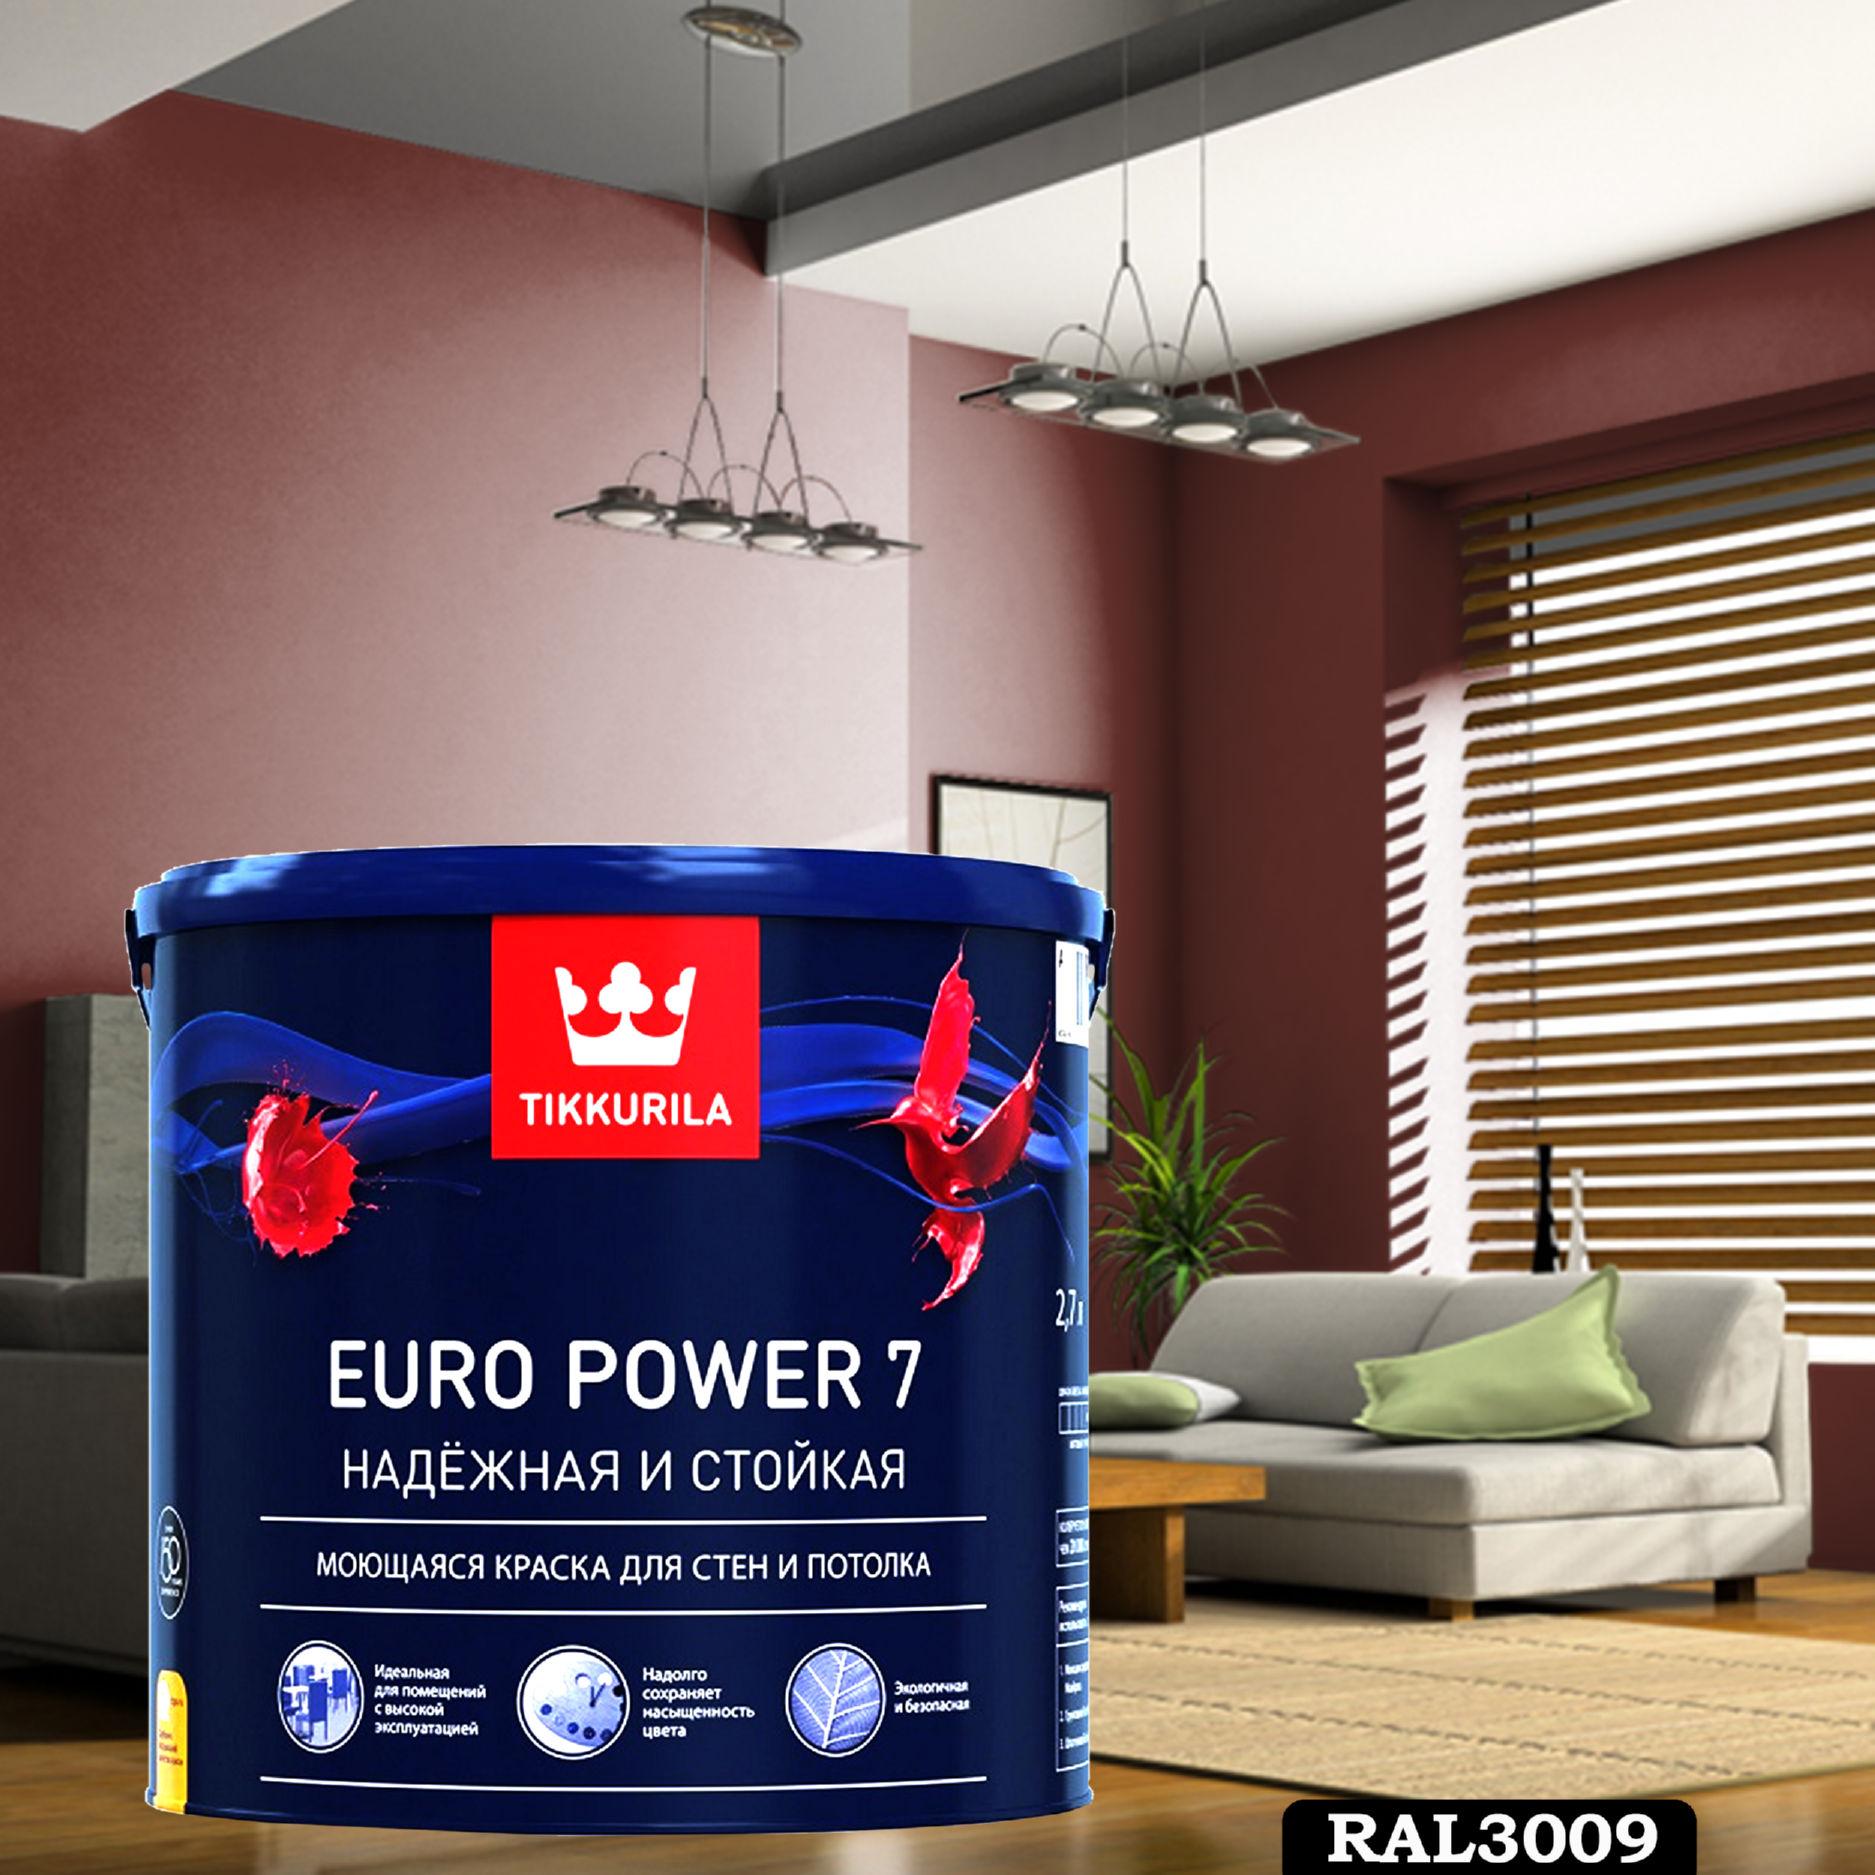 Фото 8 - Краска TIKKURILA Euro Power 7,  RAL 3009 Оксидно-красный, латексная моющаяся матовая интерьерная, 9 л.